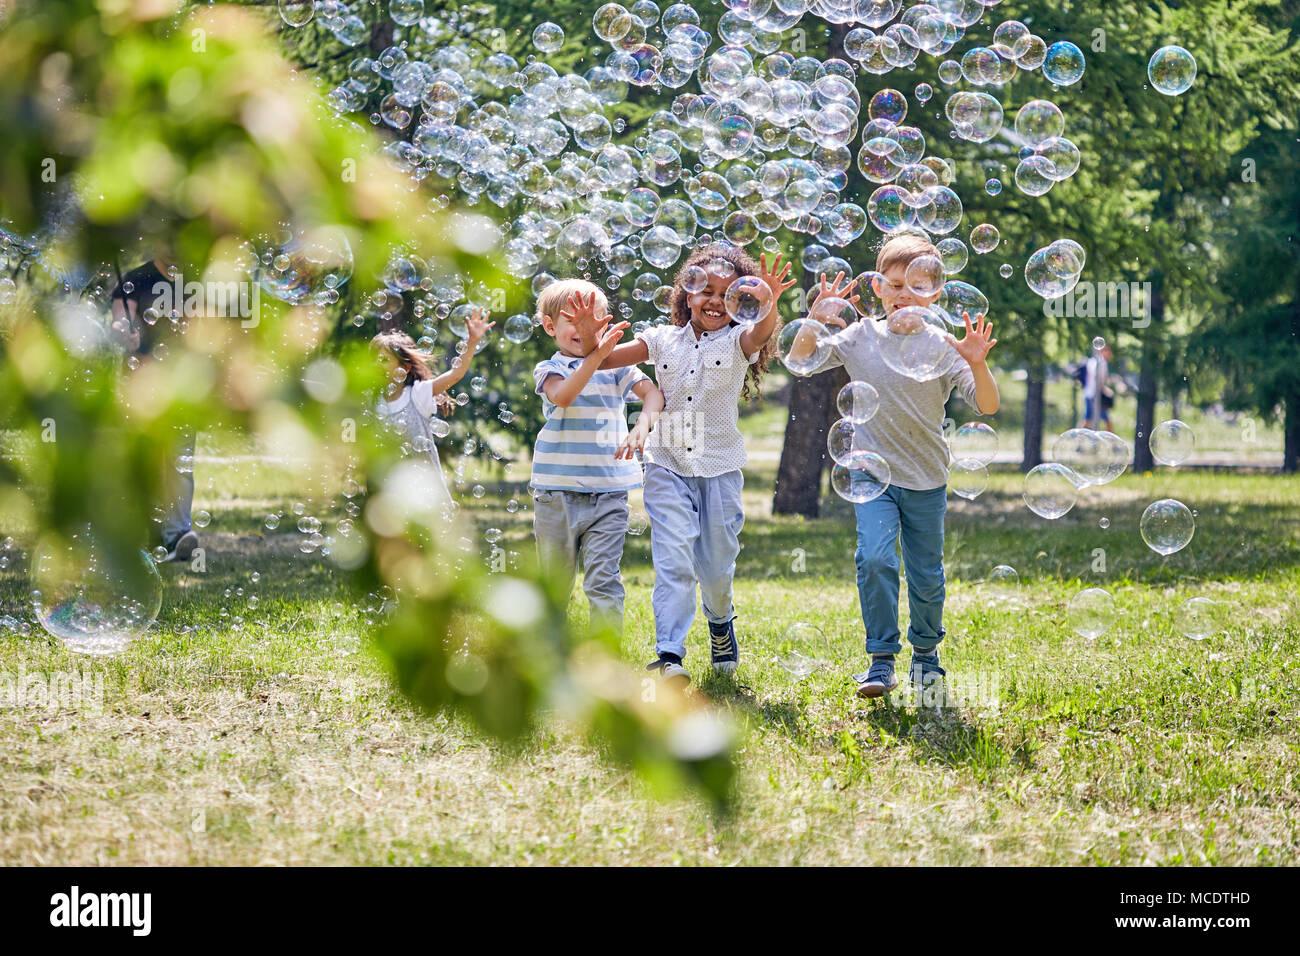 Fröhliche Kinder spielen mit Seifenblasen Stockfoto